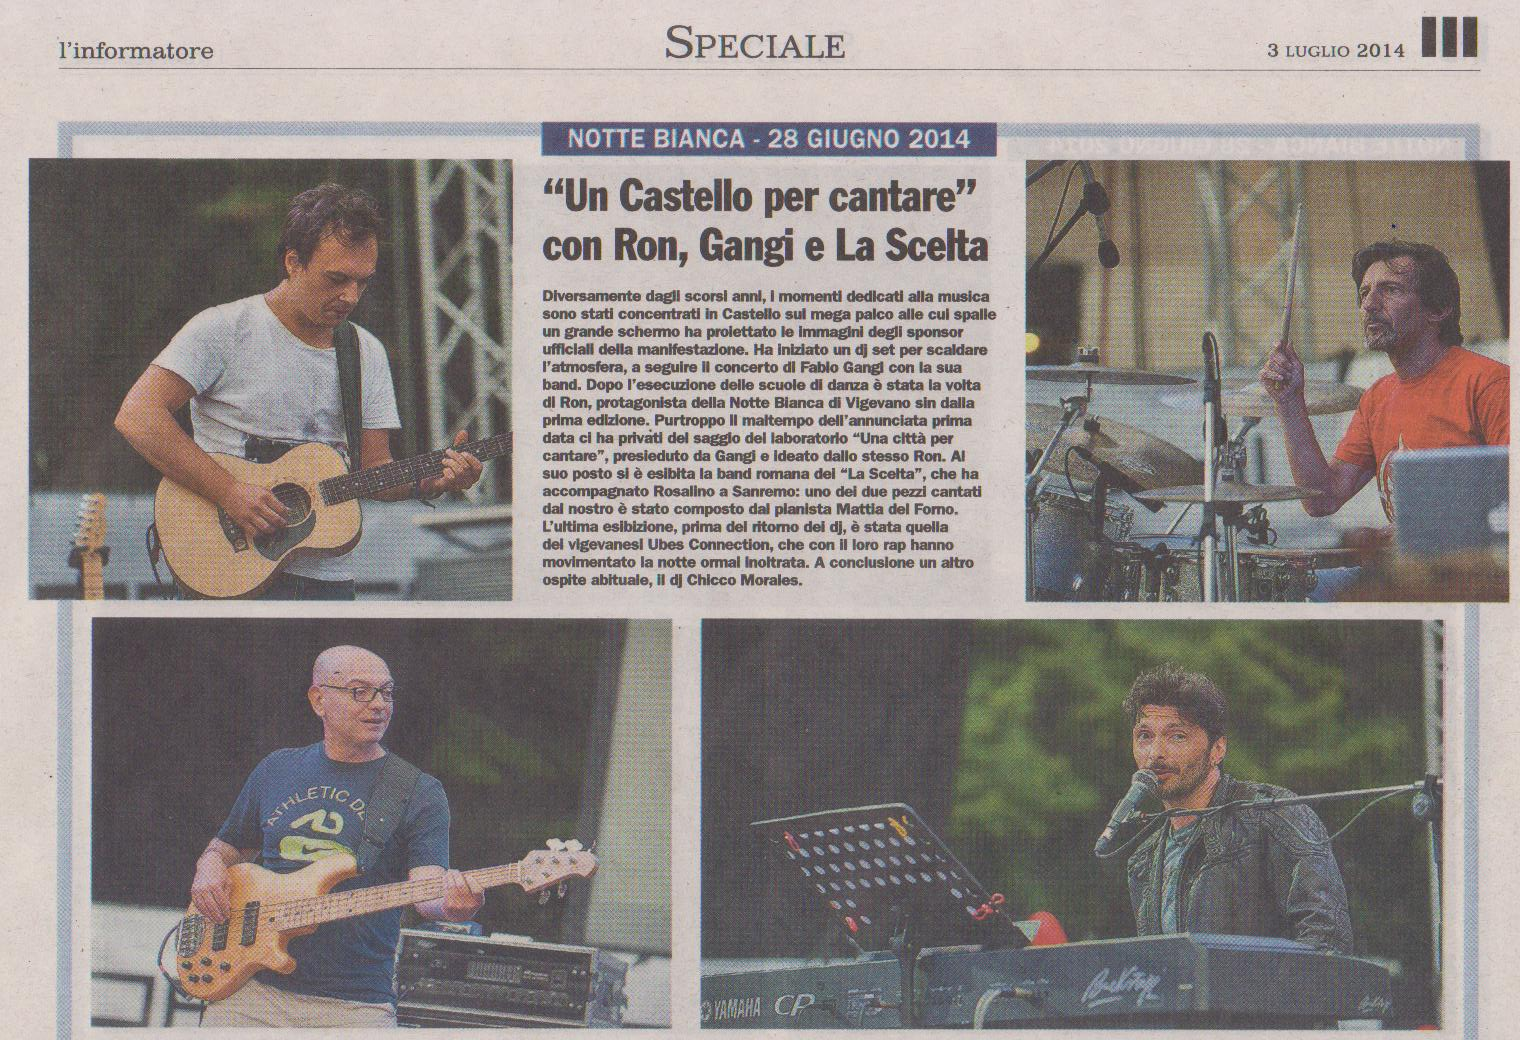 Fabio Gangi e la sua band alla Notte Bianca di Vigevano 2014